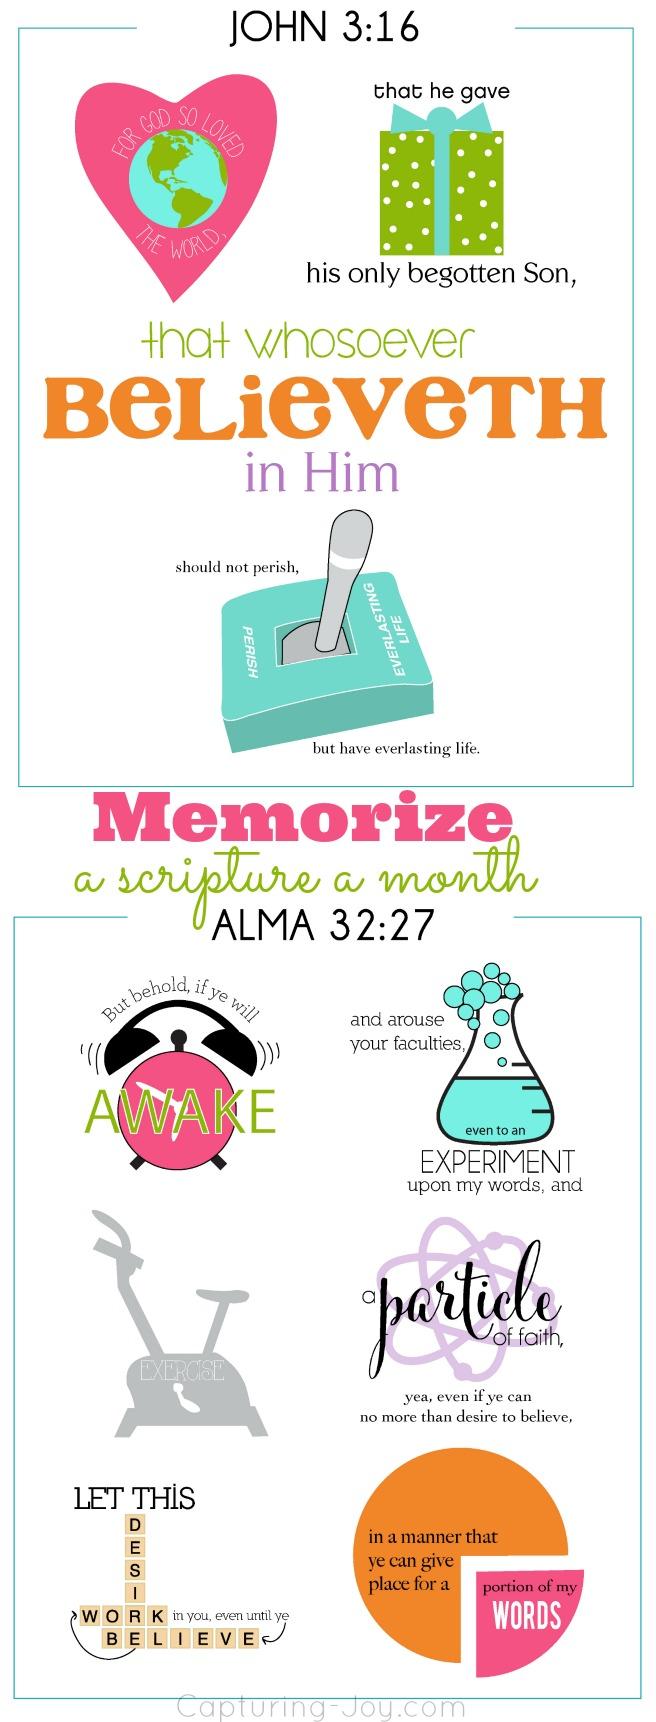 Memorize a scripture a month